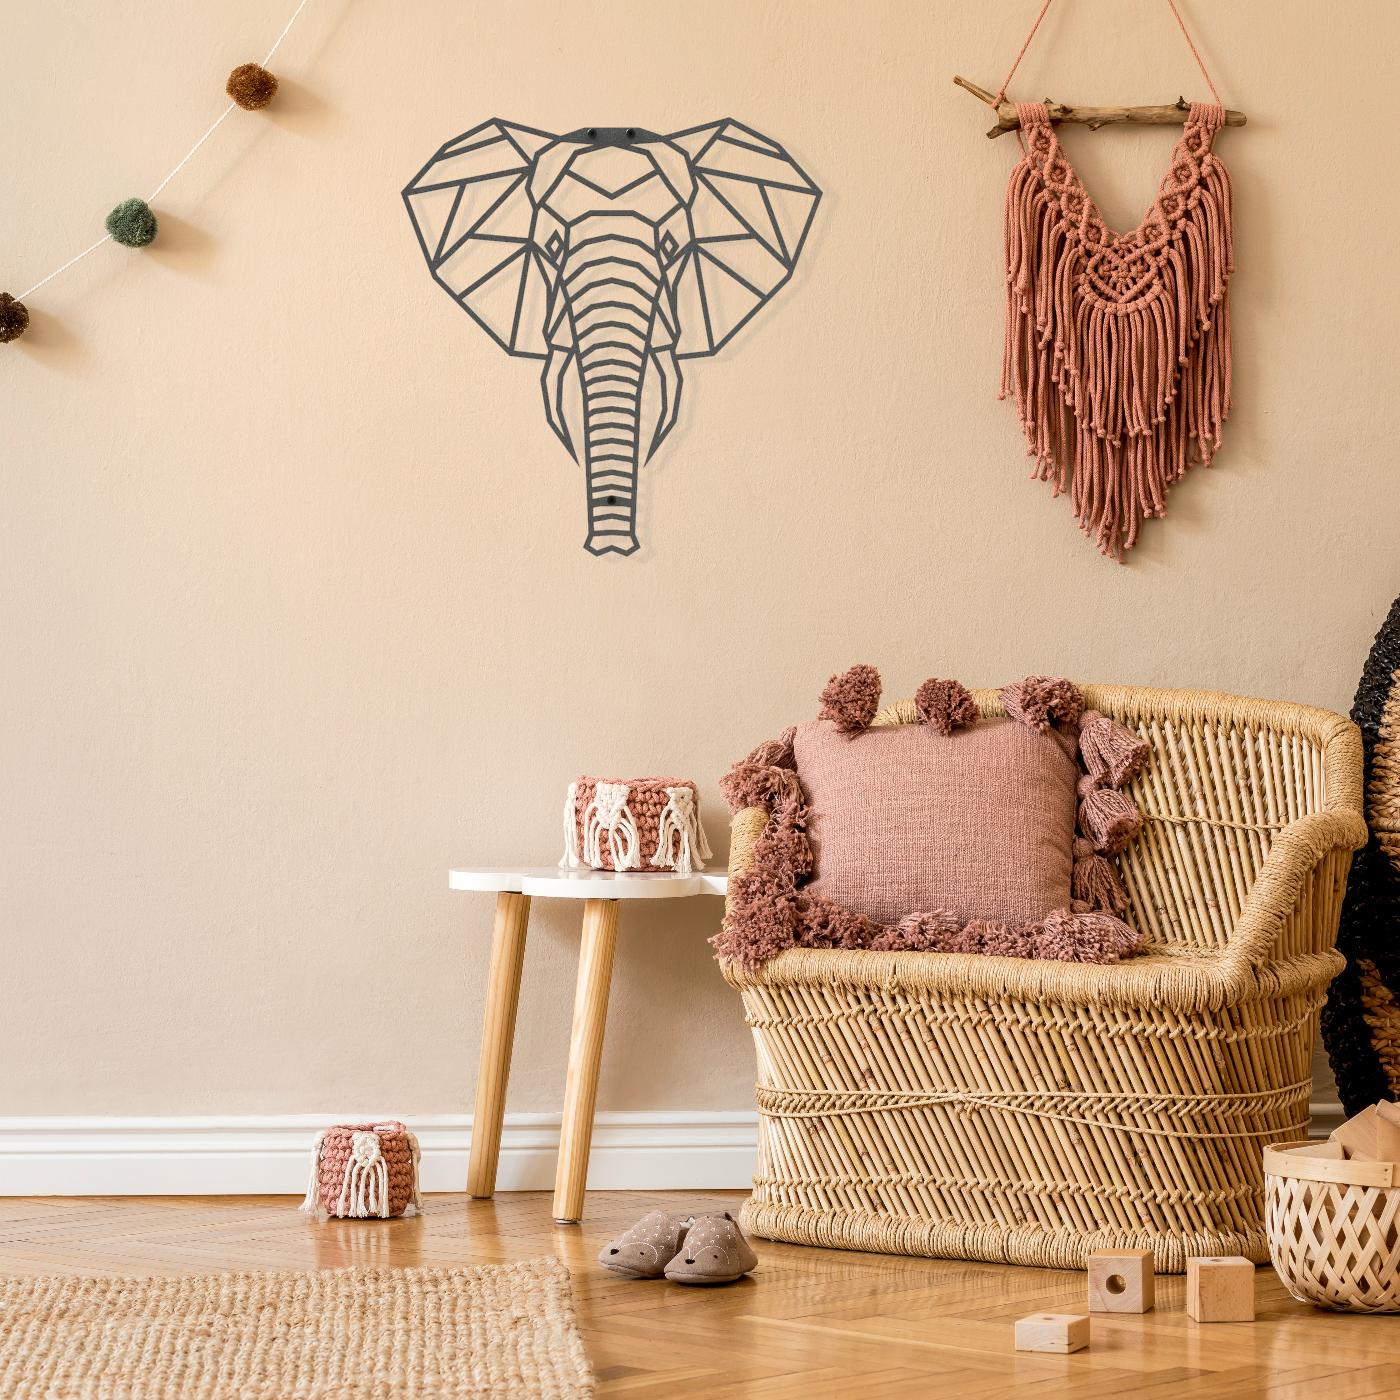 Stalen Wanddecoratie Kinderkamer Babykamer Jungle Dieren Olifant In 2021 Thuisdecoratie Inrichting Kinderkamer Babykamer